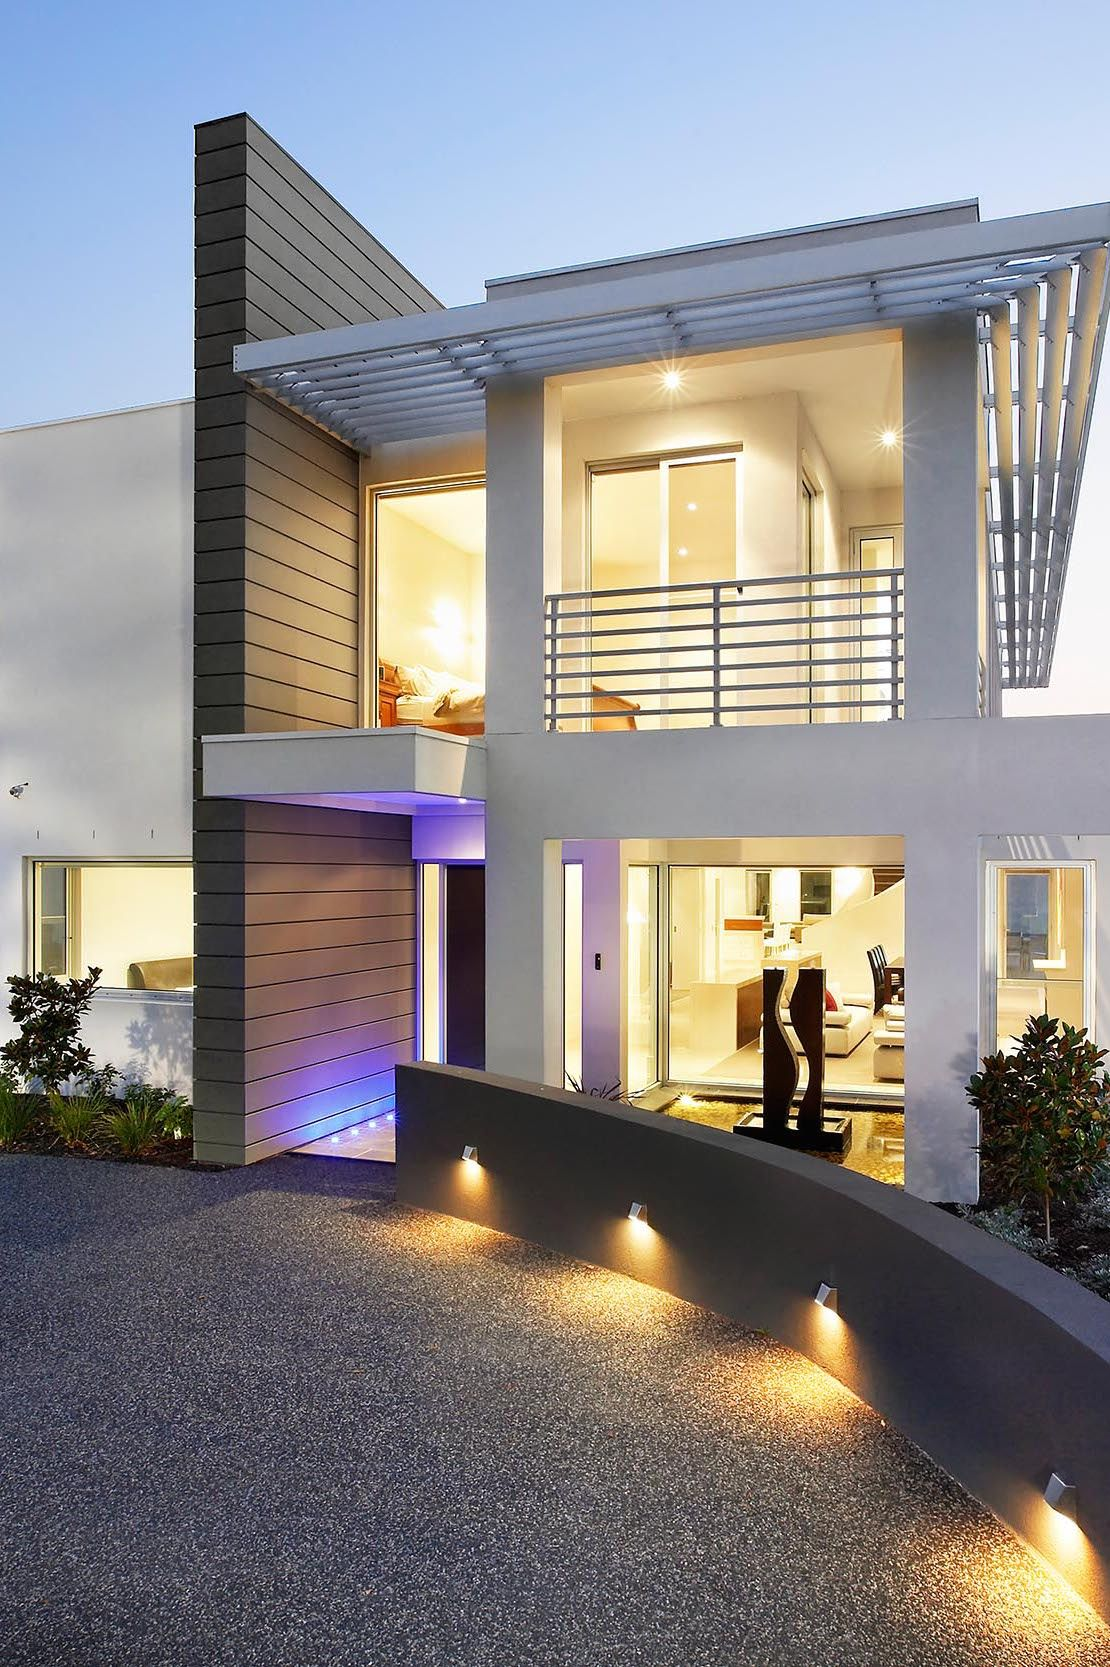 Photo escala arquitectura casas casas modernas y for Casas modernas interior y exterior